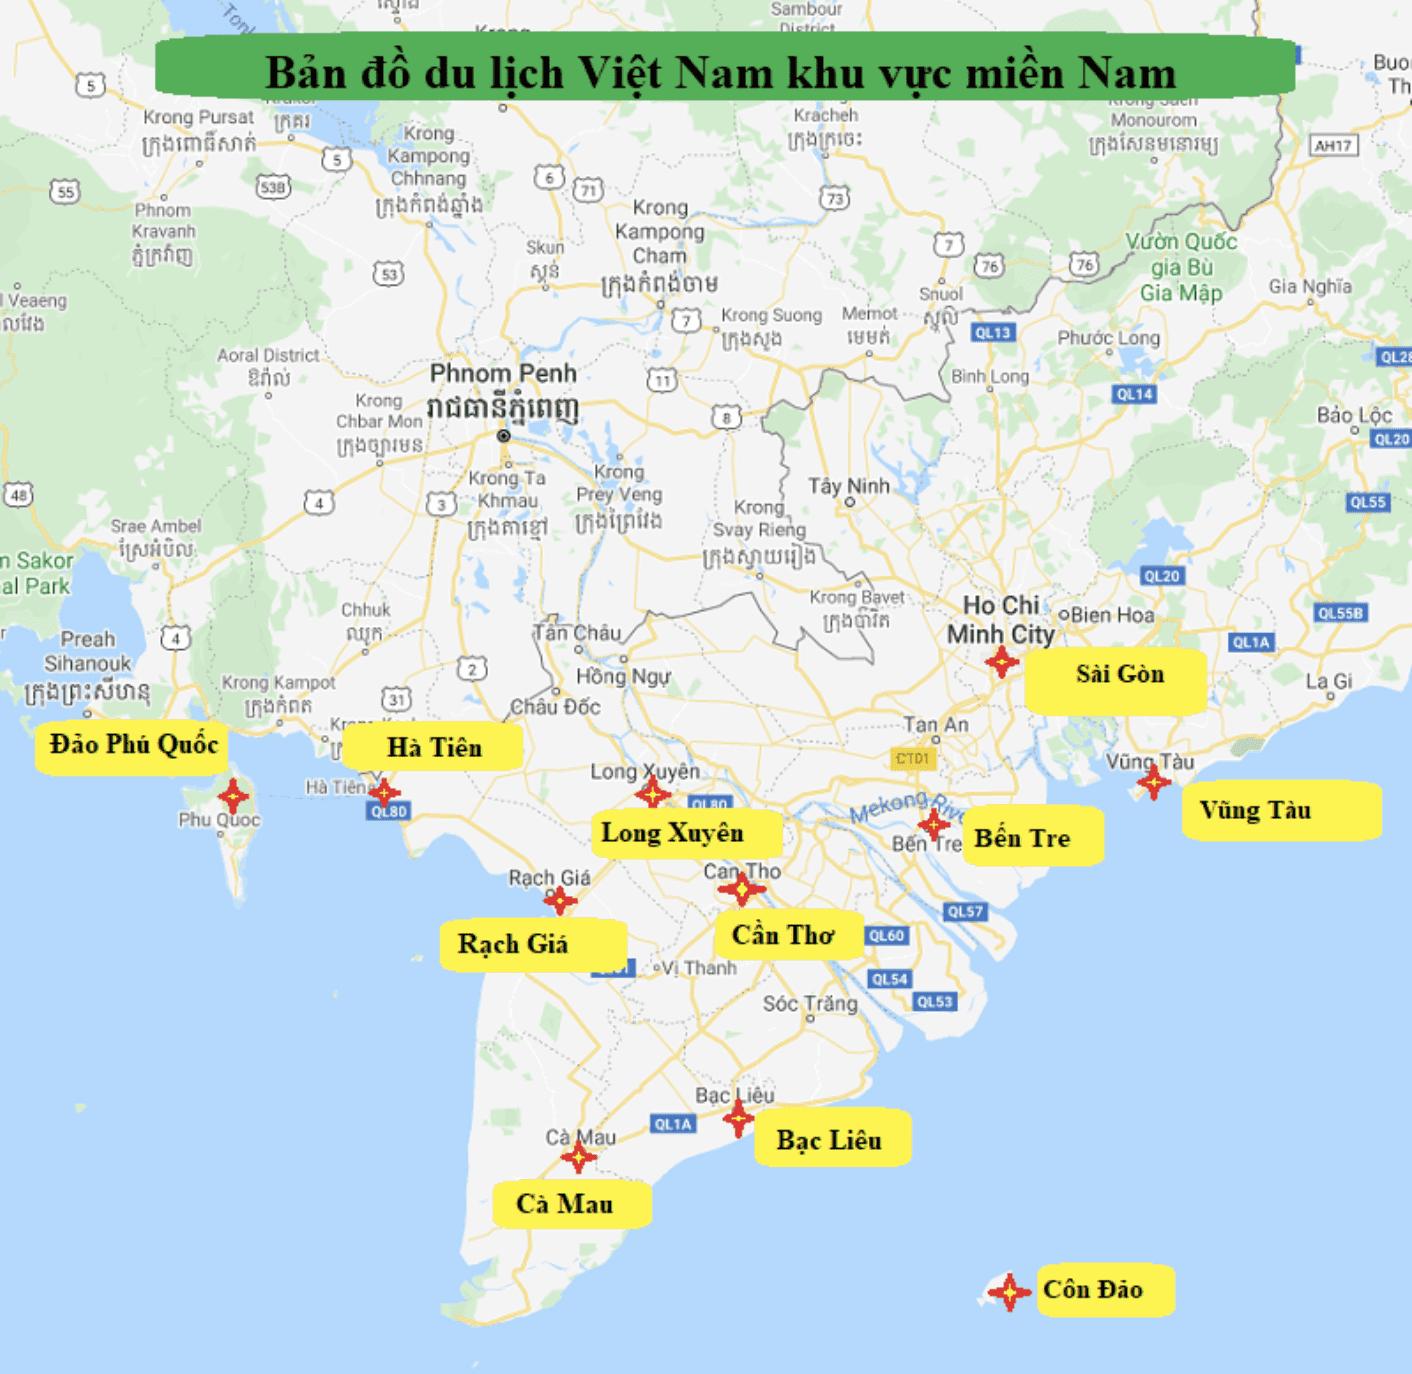 bản đồ du lịch miền nam